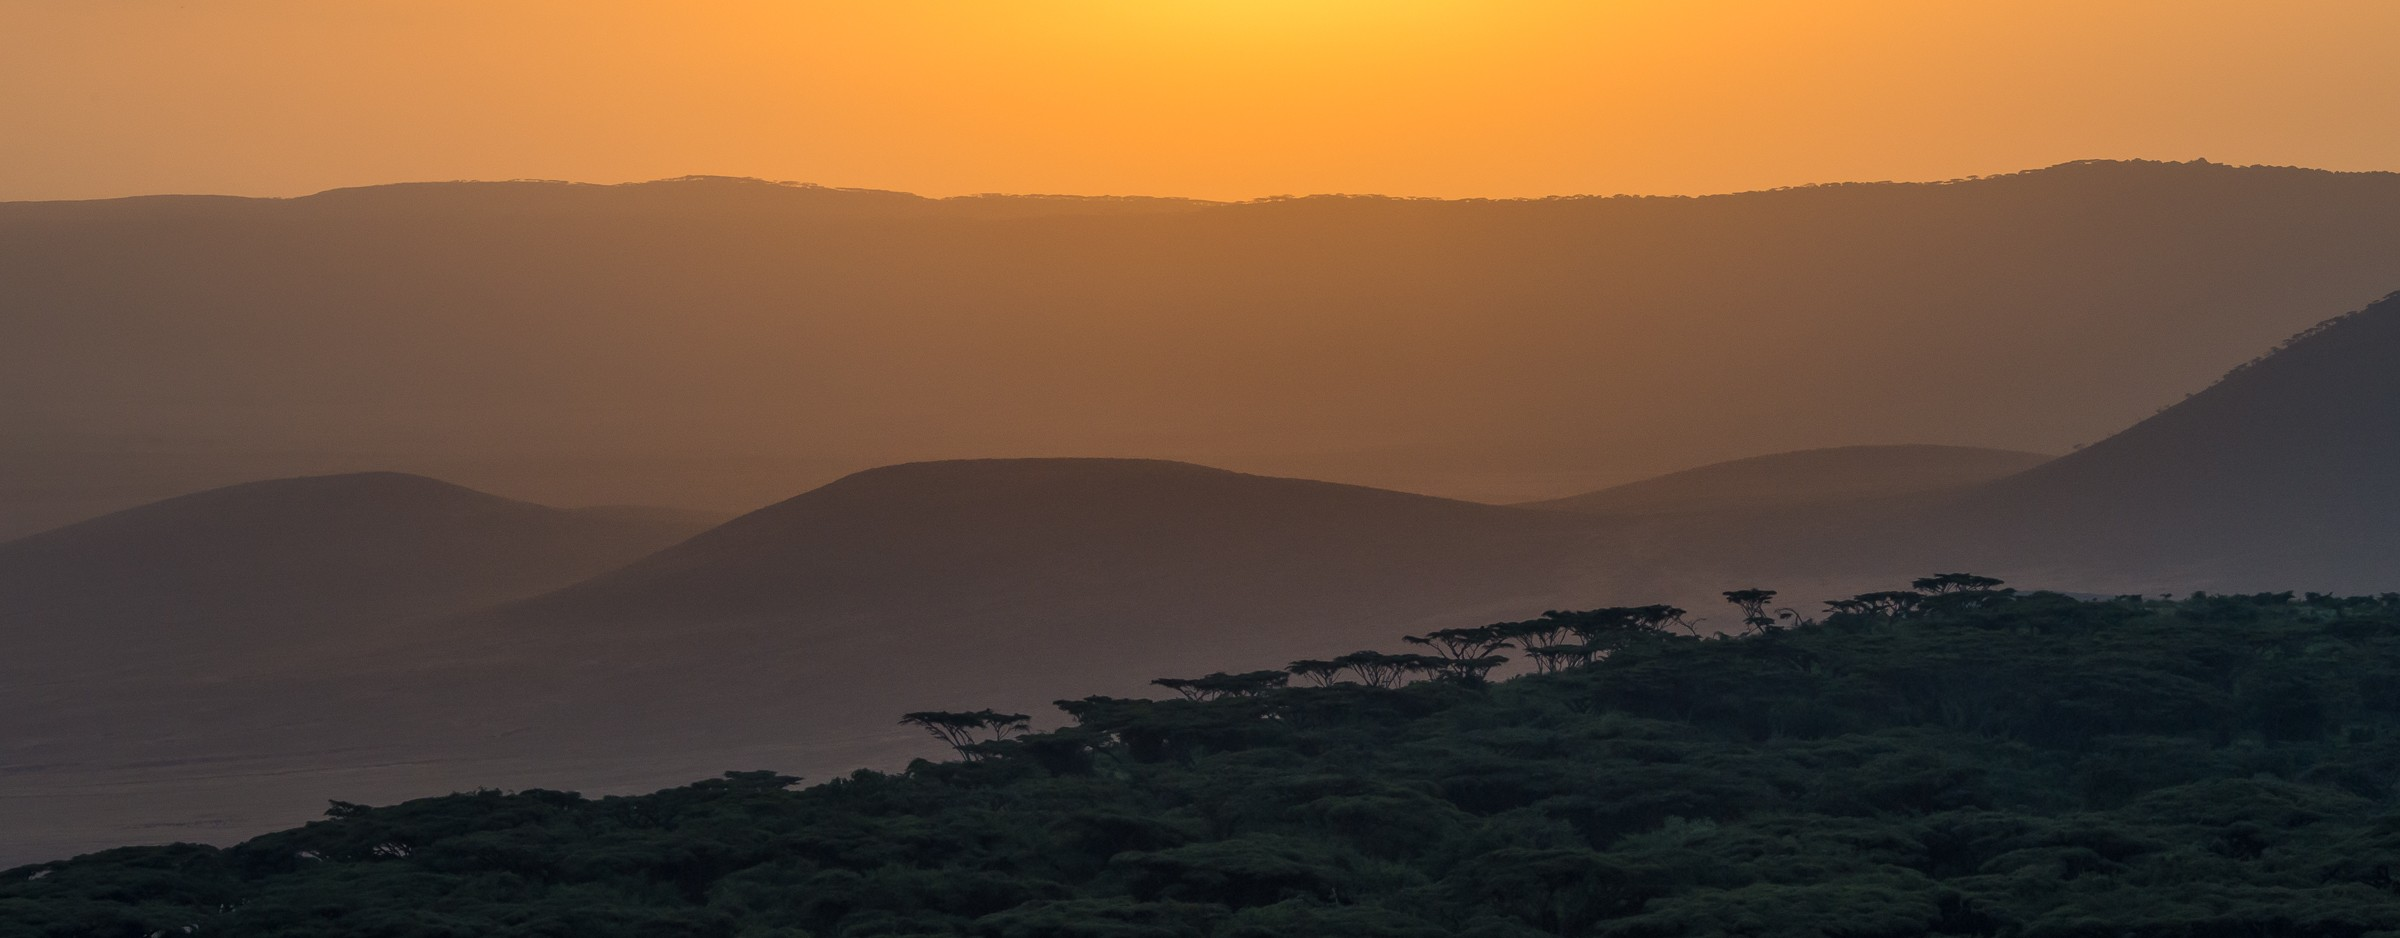 landschap africa 1503